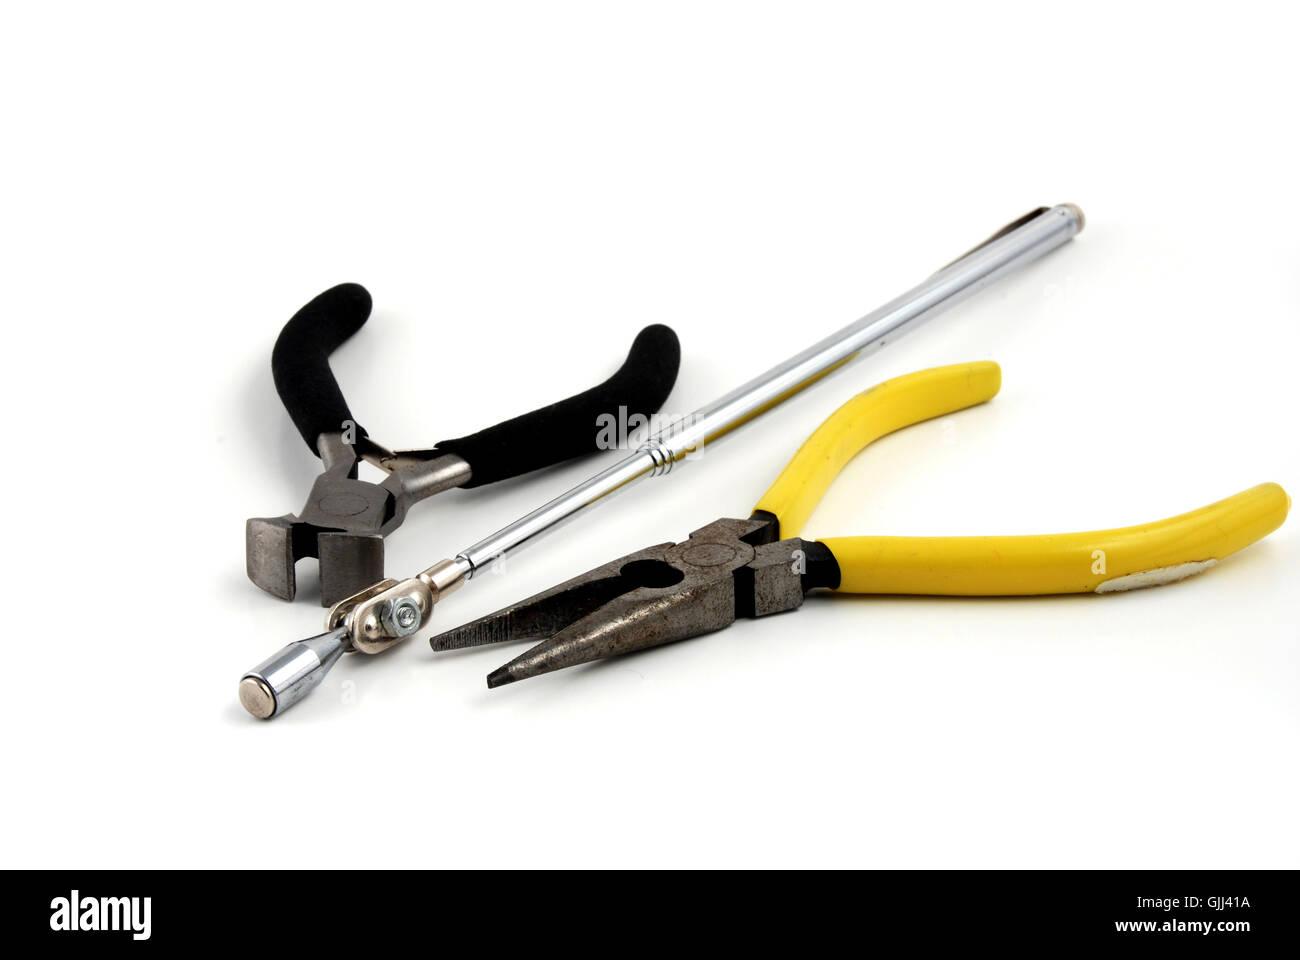 tool repair work - Stock Image